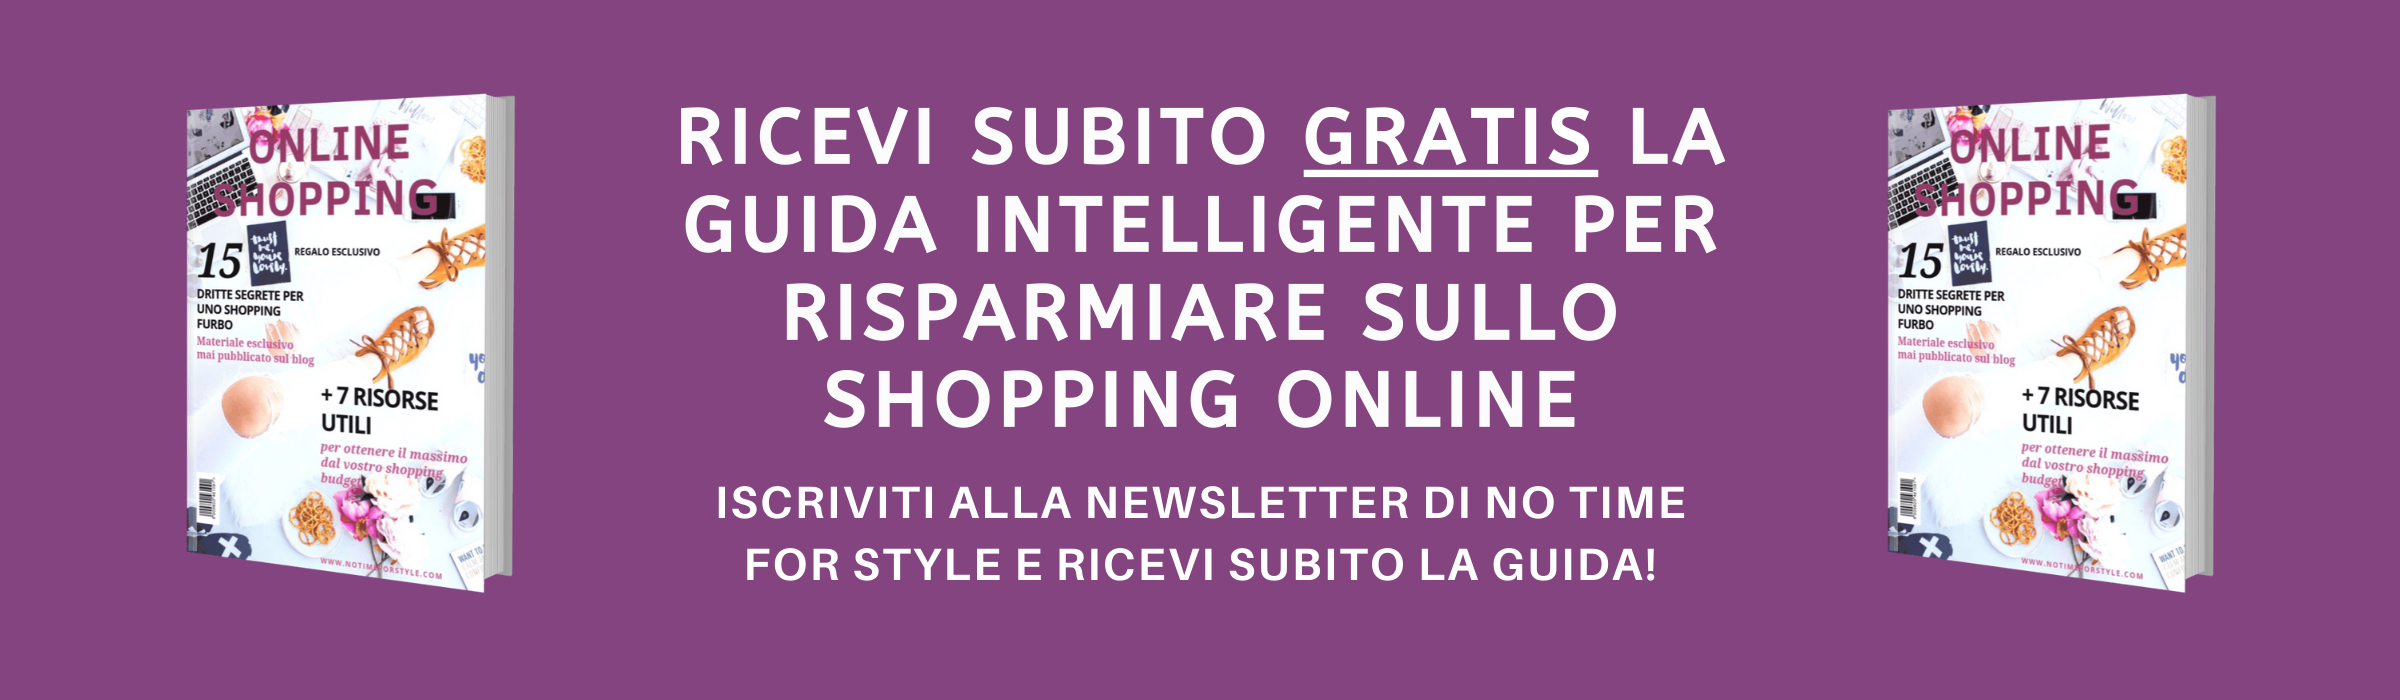 I MIGLIORI NEGOZI DI SHOPPING ONLINE GUIDA GRATUITA